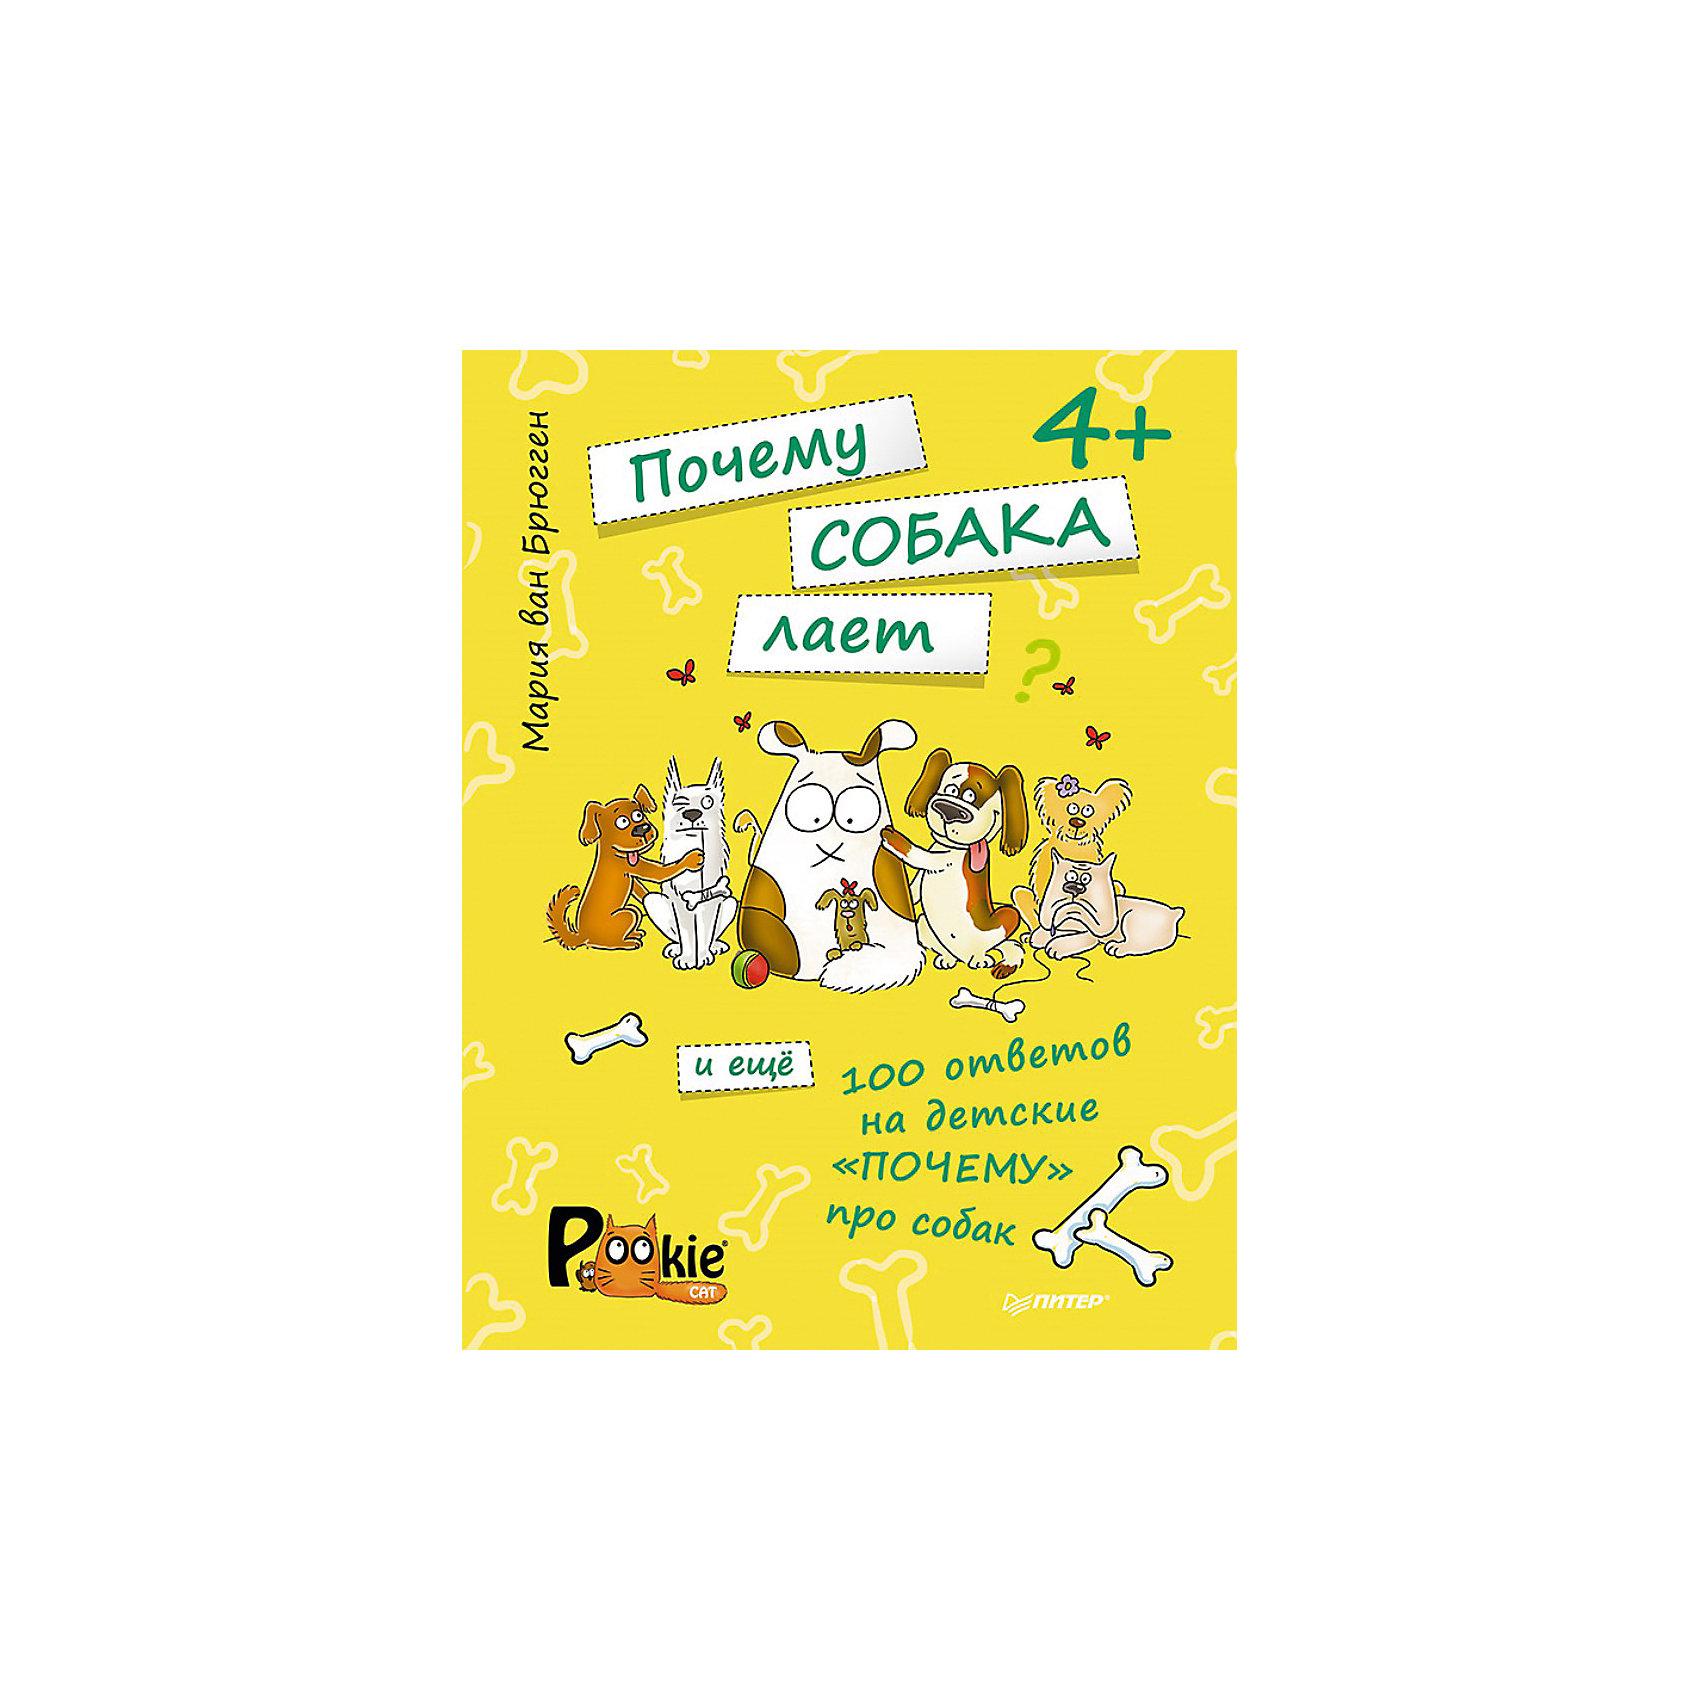 """Почему собака лает и ещё 100 ответов на детские «почему» про собак, для детей от  4 летДетские энциклопедии<br>Характеристики книги Почему собака лает и ещё 100 ответов на детские «почему» про собак, для детей от 4 лет:<br><br>• автор: Мария ван Брюгген<br>• формат издания: 20.5х26 см (большой формат)<br>• количество страниц: 64<br>• год выпуска: 2015<br>• издательство: Питер<br>• серия: Вы и Ваш ребенок<br>• переплет: мягкая обложка<br>• цветные иллюстрации : да<br>• возраст: от 4 лет <br>• язык издания: русский<br>• тип издания: отдельное издание<br>• вес в упаковке: 180 г<br><br>Почему собаки любят всё обнюхивать? Почему они похожи на волков? Все ли собаки лают? У какой породы самые длинные уши? Сколько ещё вопросов может задать ребёнок за одну минуту? А Вы знаете ответы на каждый из них? Вам повезло! Теперь у Вас есть исчерпывающий гид по всем детским «почему»!<br><br>Вы слышали о pookiecat? Этот замечательный оранжевый кот писал книгу о своих сородичах — «Почему кот мурлычет и ещё 100 ответов на детские """"почему"""" про кошек от pookiecat». Его друг — пёс Булкин — решил, что теперь он просто обязан написать книгу о собаках. Ведь он знает о них всё! А теперь и Вы узнаете все собачьи секреты. Открывайте первую страницу — и познакомьтесь с собаками поближе.<br><br>Как всегда Булкину и pookiecat (а этот хитрый кот, конечно, тоже заглянул на некоторые страницы книги) помогала их хозяйка — её зовут Мария, она художник-иллюстратор. Мария родилась в Москве, но живёт со своим зоопарком (четыре собаки и три кошки) в замечательном зелёном городке в Европе. И конечно, каждый день приносит ей новые улыбки и вдохновение. Жизнь — всё-таки такое смешное приключение! Хотите посмеяться за компанию? Заходите к Марии в гости: http://elfies.livejournal.com, http://www.pookies-world.com<br><br>Книгу Почему собака лает и ещё 100 ответов на детские «почему» про собак, для детей от 4 лет издательства Питер  можно купить в нашем интернет-магазине.<br><br>Ширина мм: 252<br>Глубина мм: 195<br"""